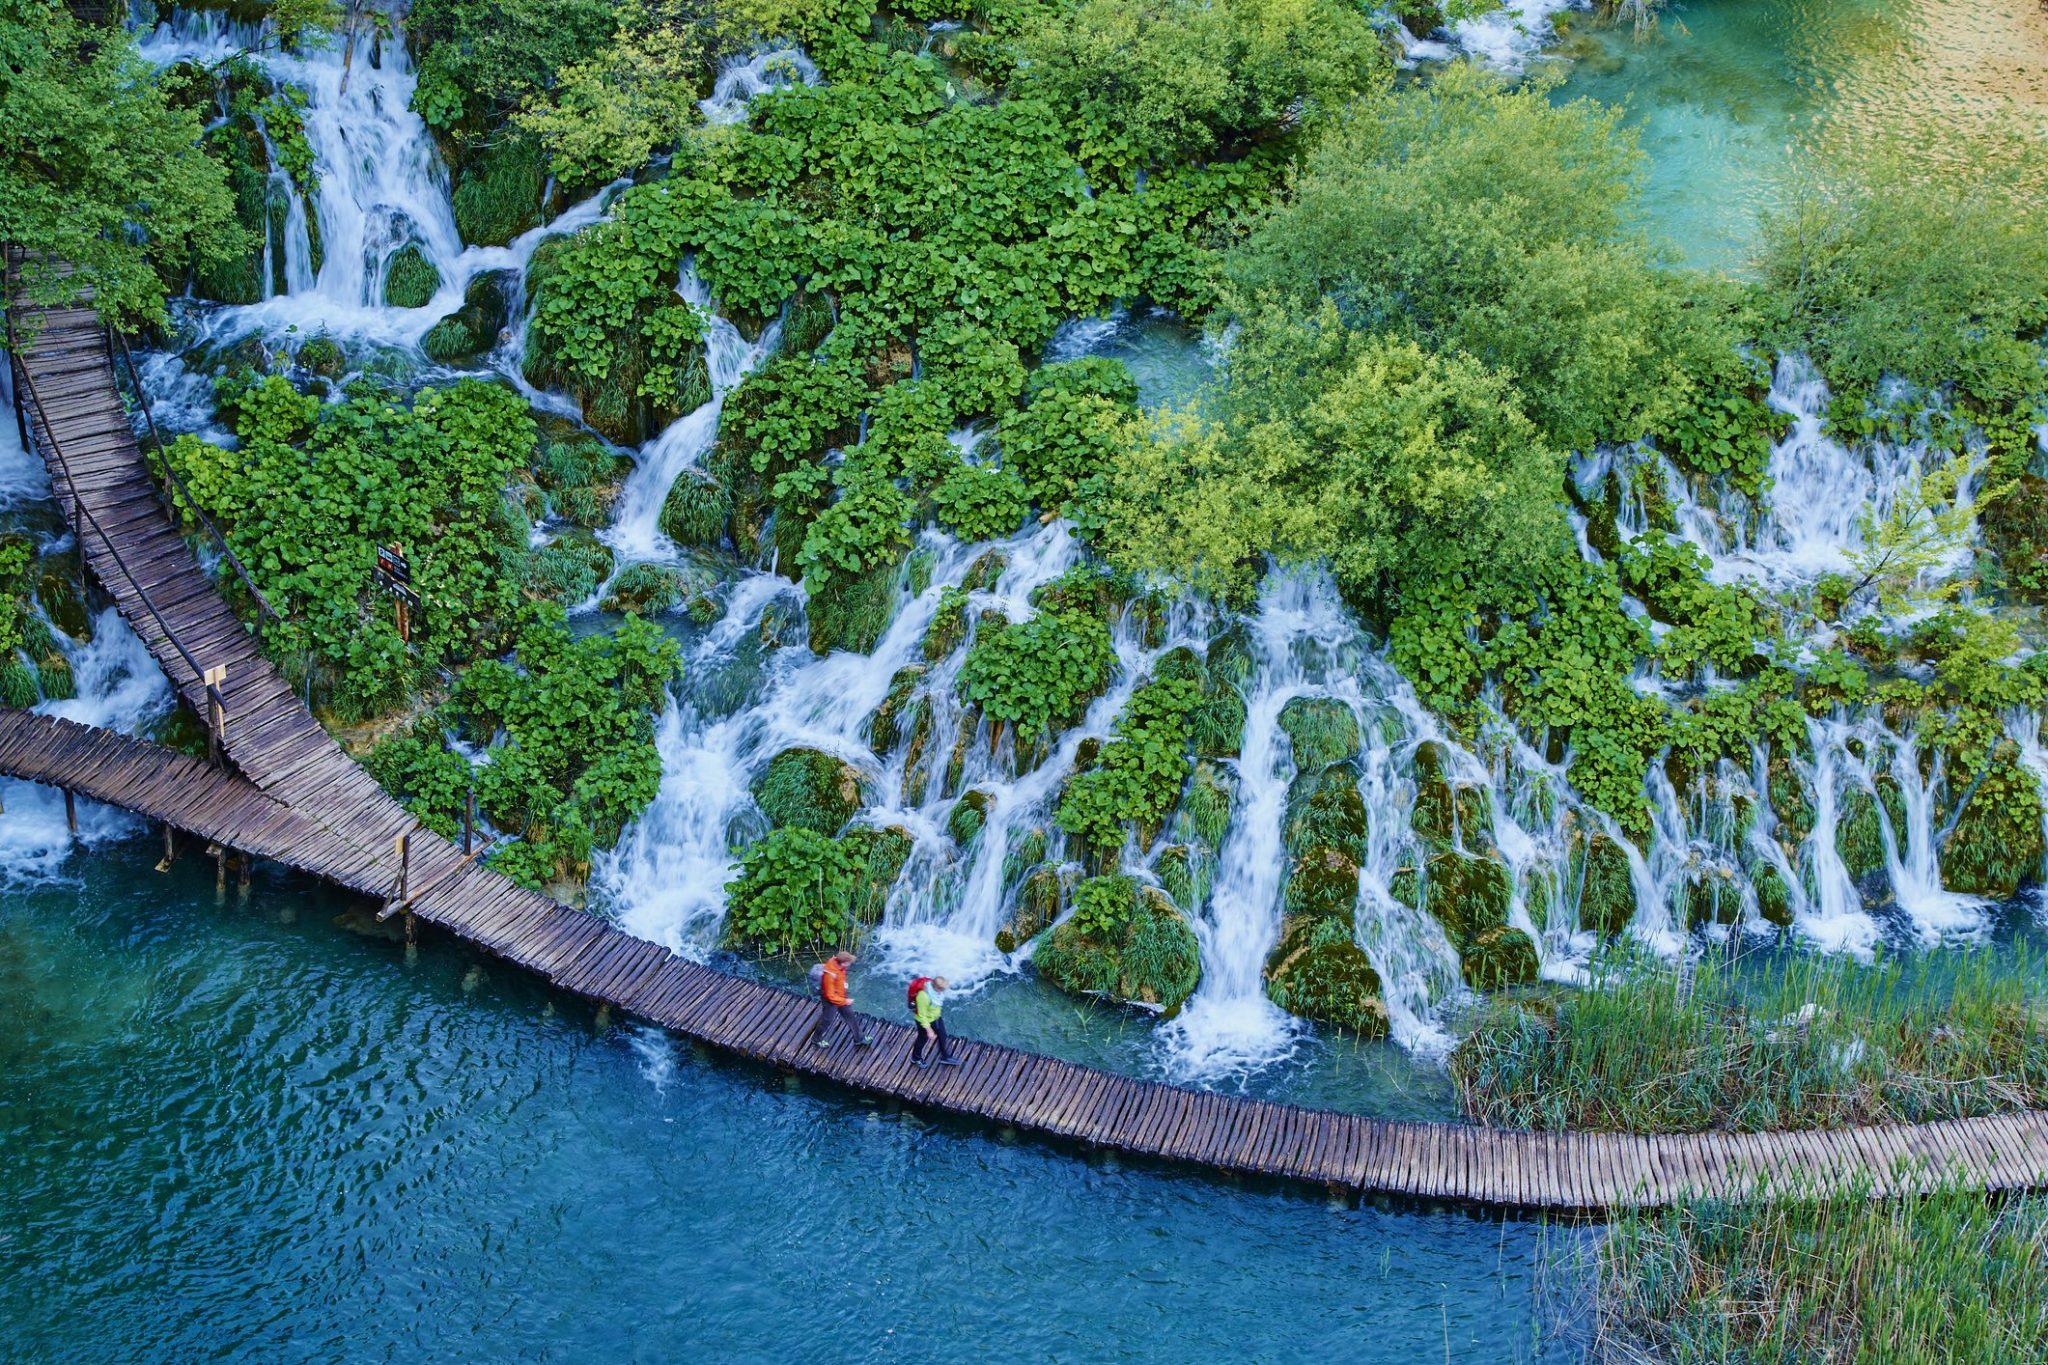 Dit zijn de mooiste reisbestemmingen in Kroatië - 1